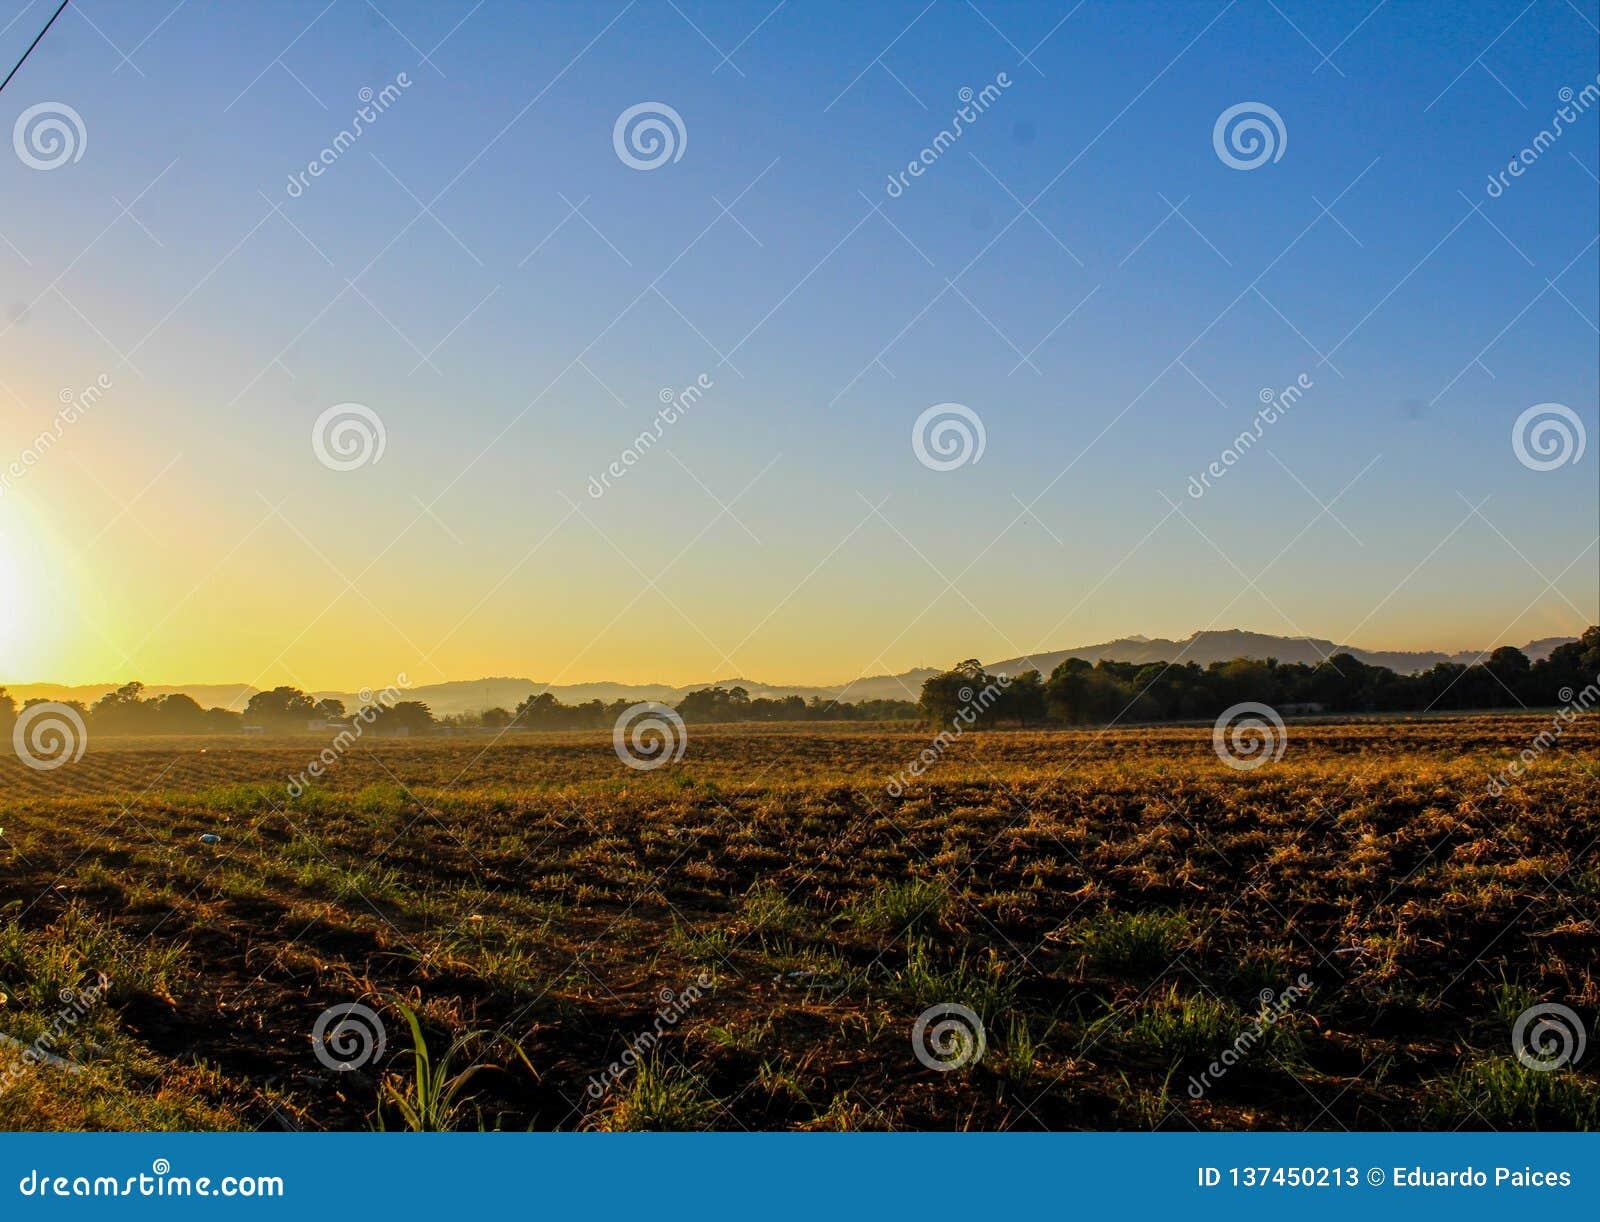 Sonnenaufgang im Land